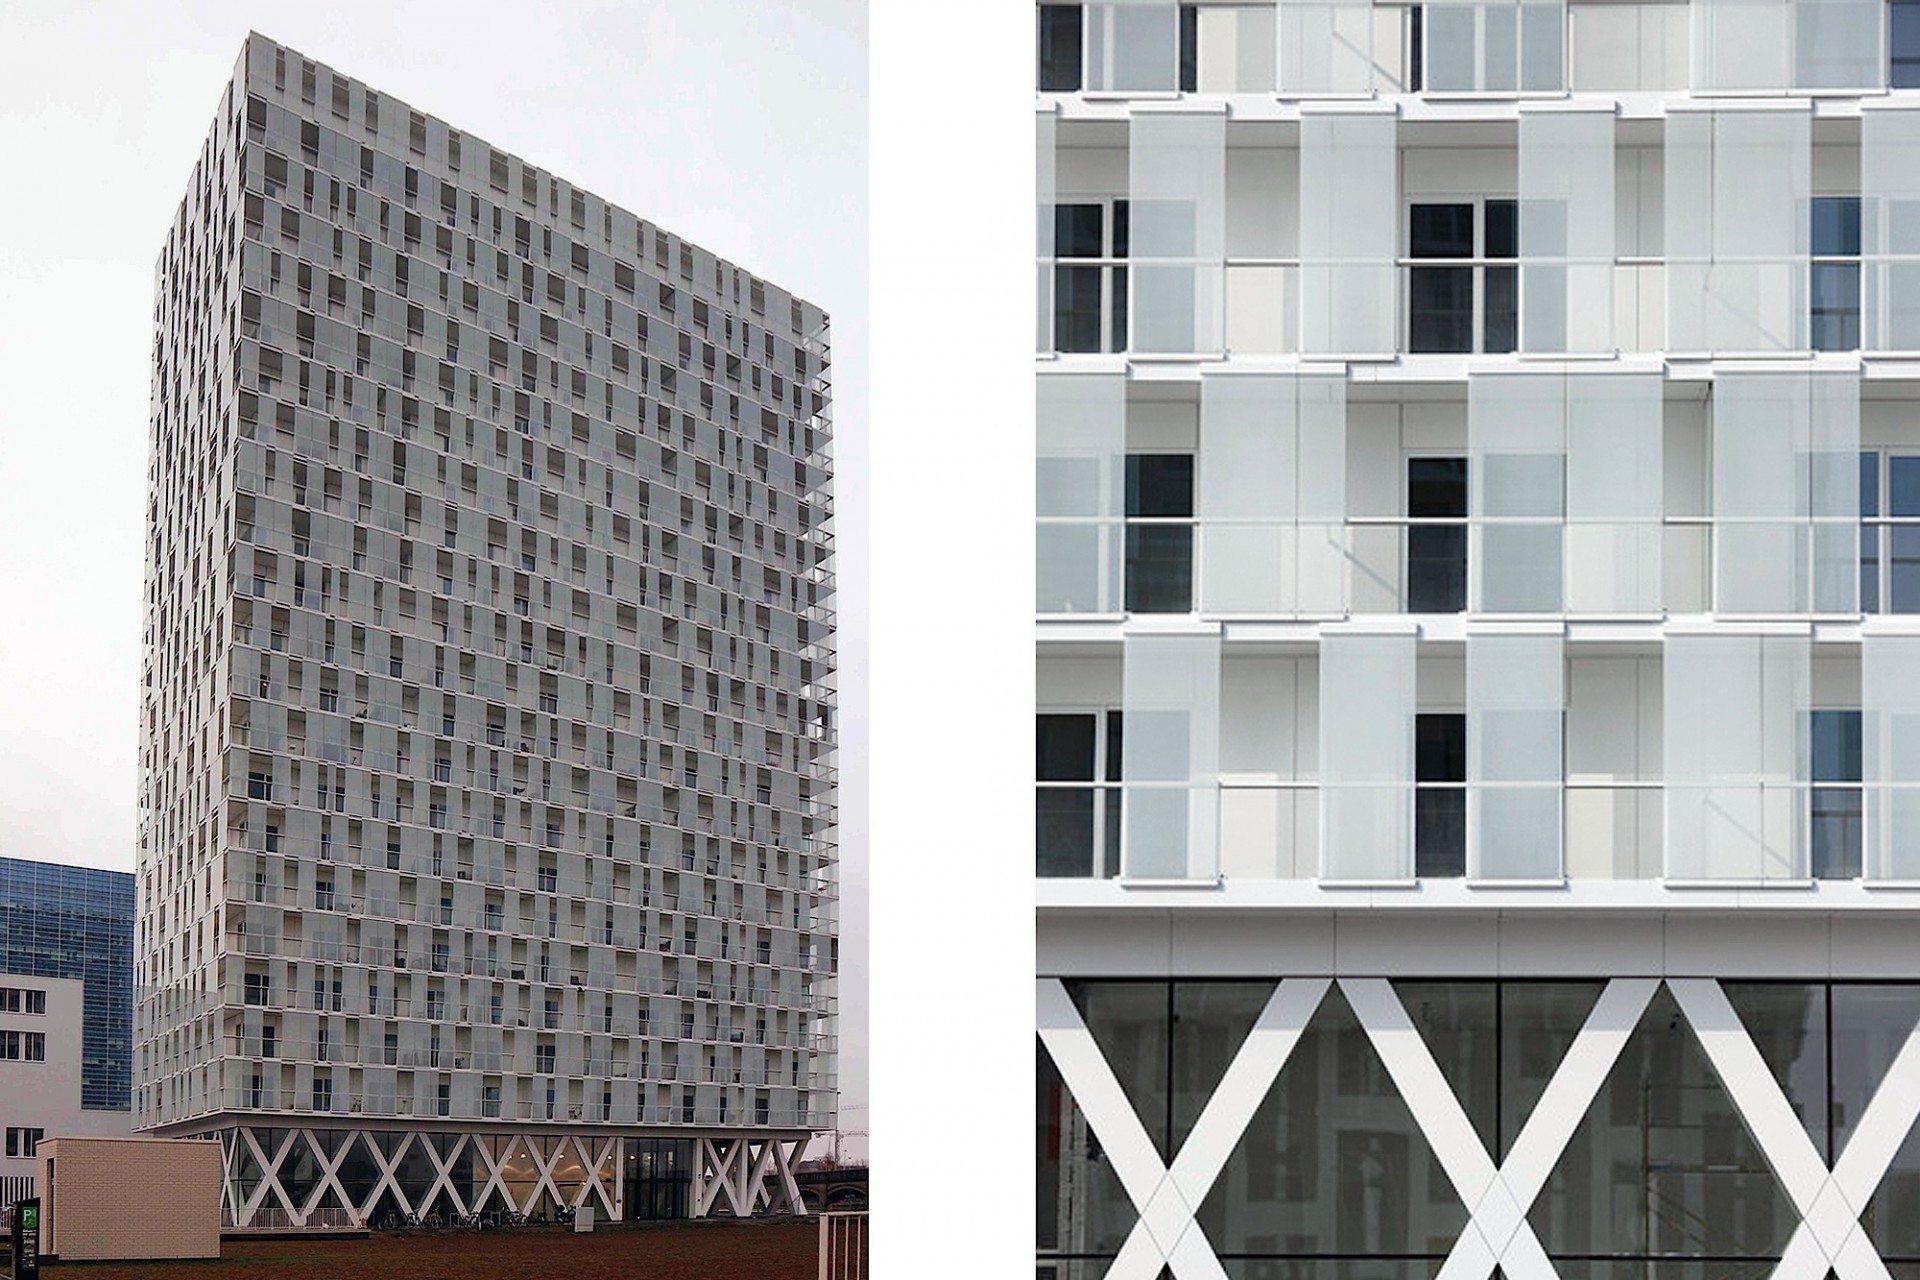 Plastisch. Oberhalb des Sockels mit x-förmig ausgebildeten Betonstützen sind die Ansichten der weithin sichtbaren Landmarke mit variierend angeordneten, weiß getönten Glaspaneelen verkleidet.